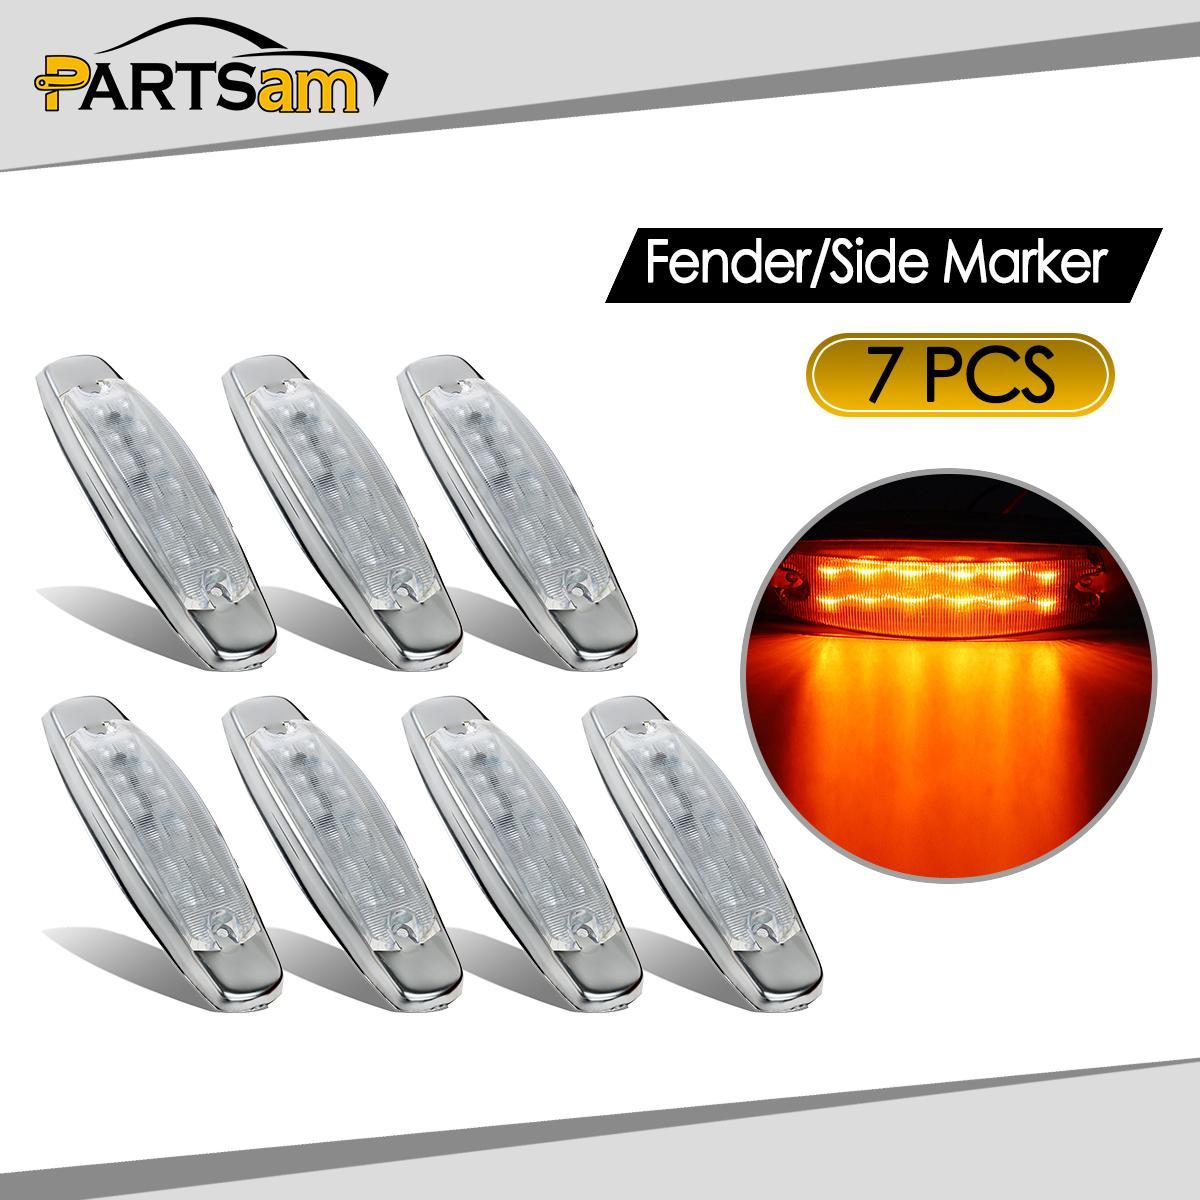 7x led clear amber side cab marker light for peterbilt. Black Bedroom Furniture Sets. Home Design Ideas